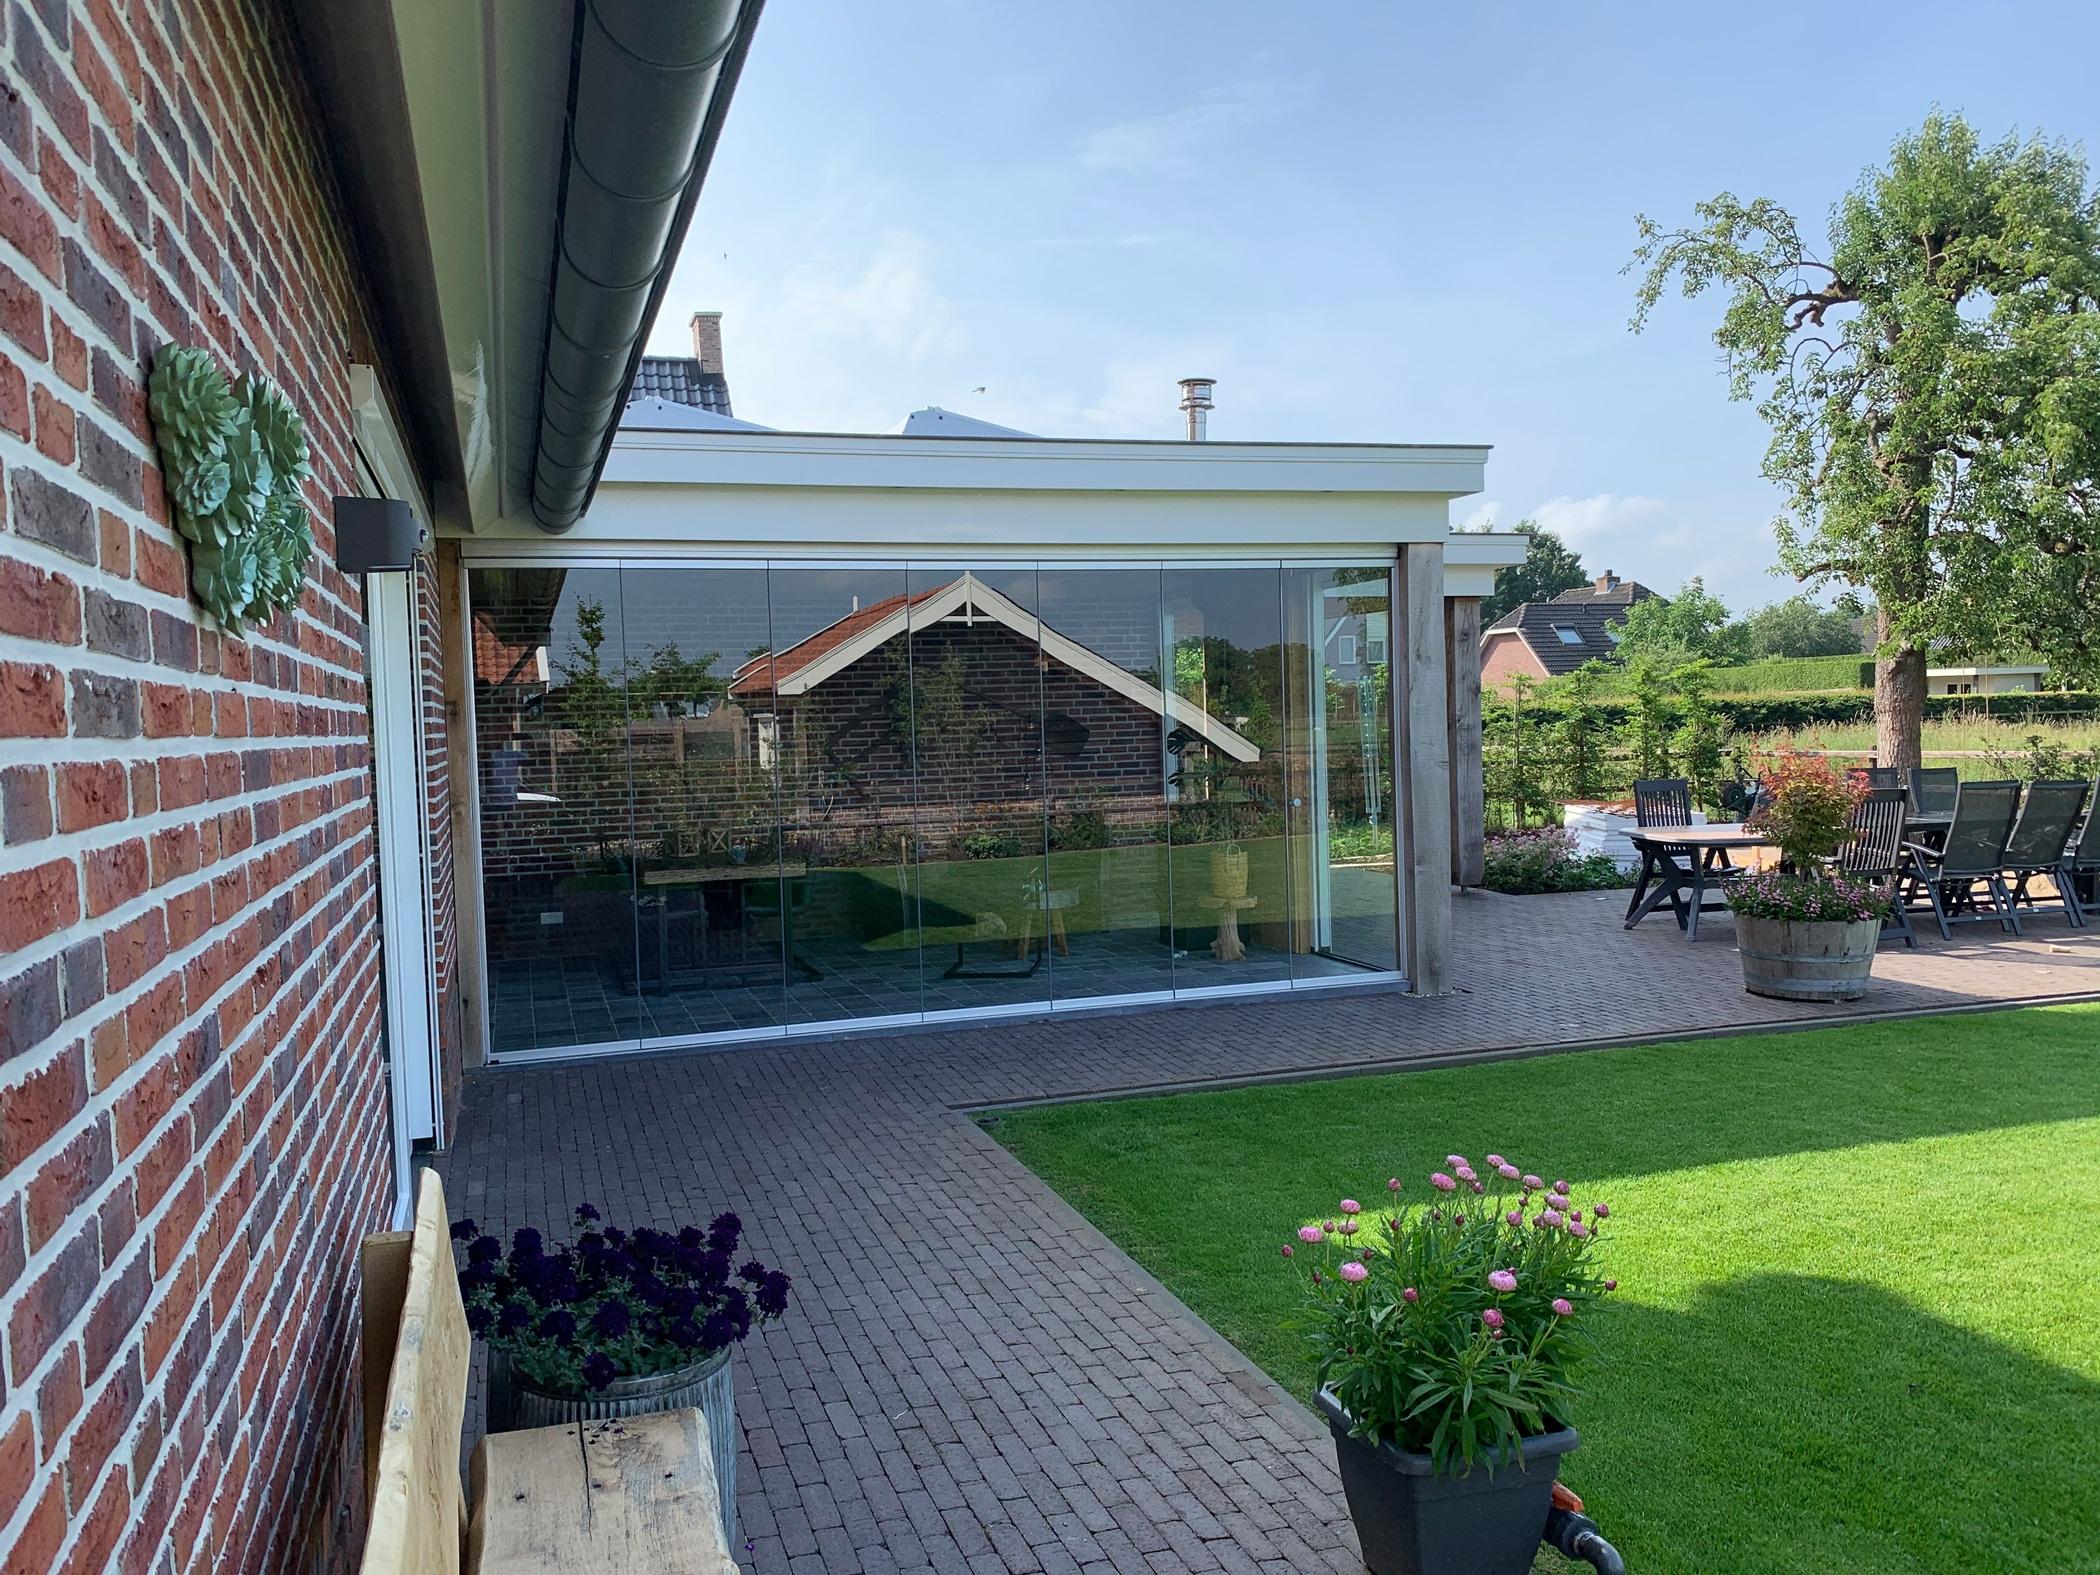 Nurglas Schiebe-Dreh-Fenster Terrasse